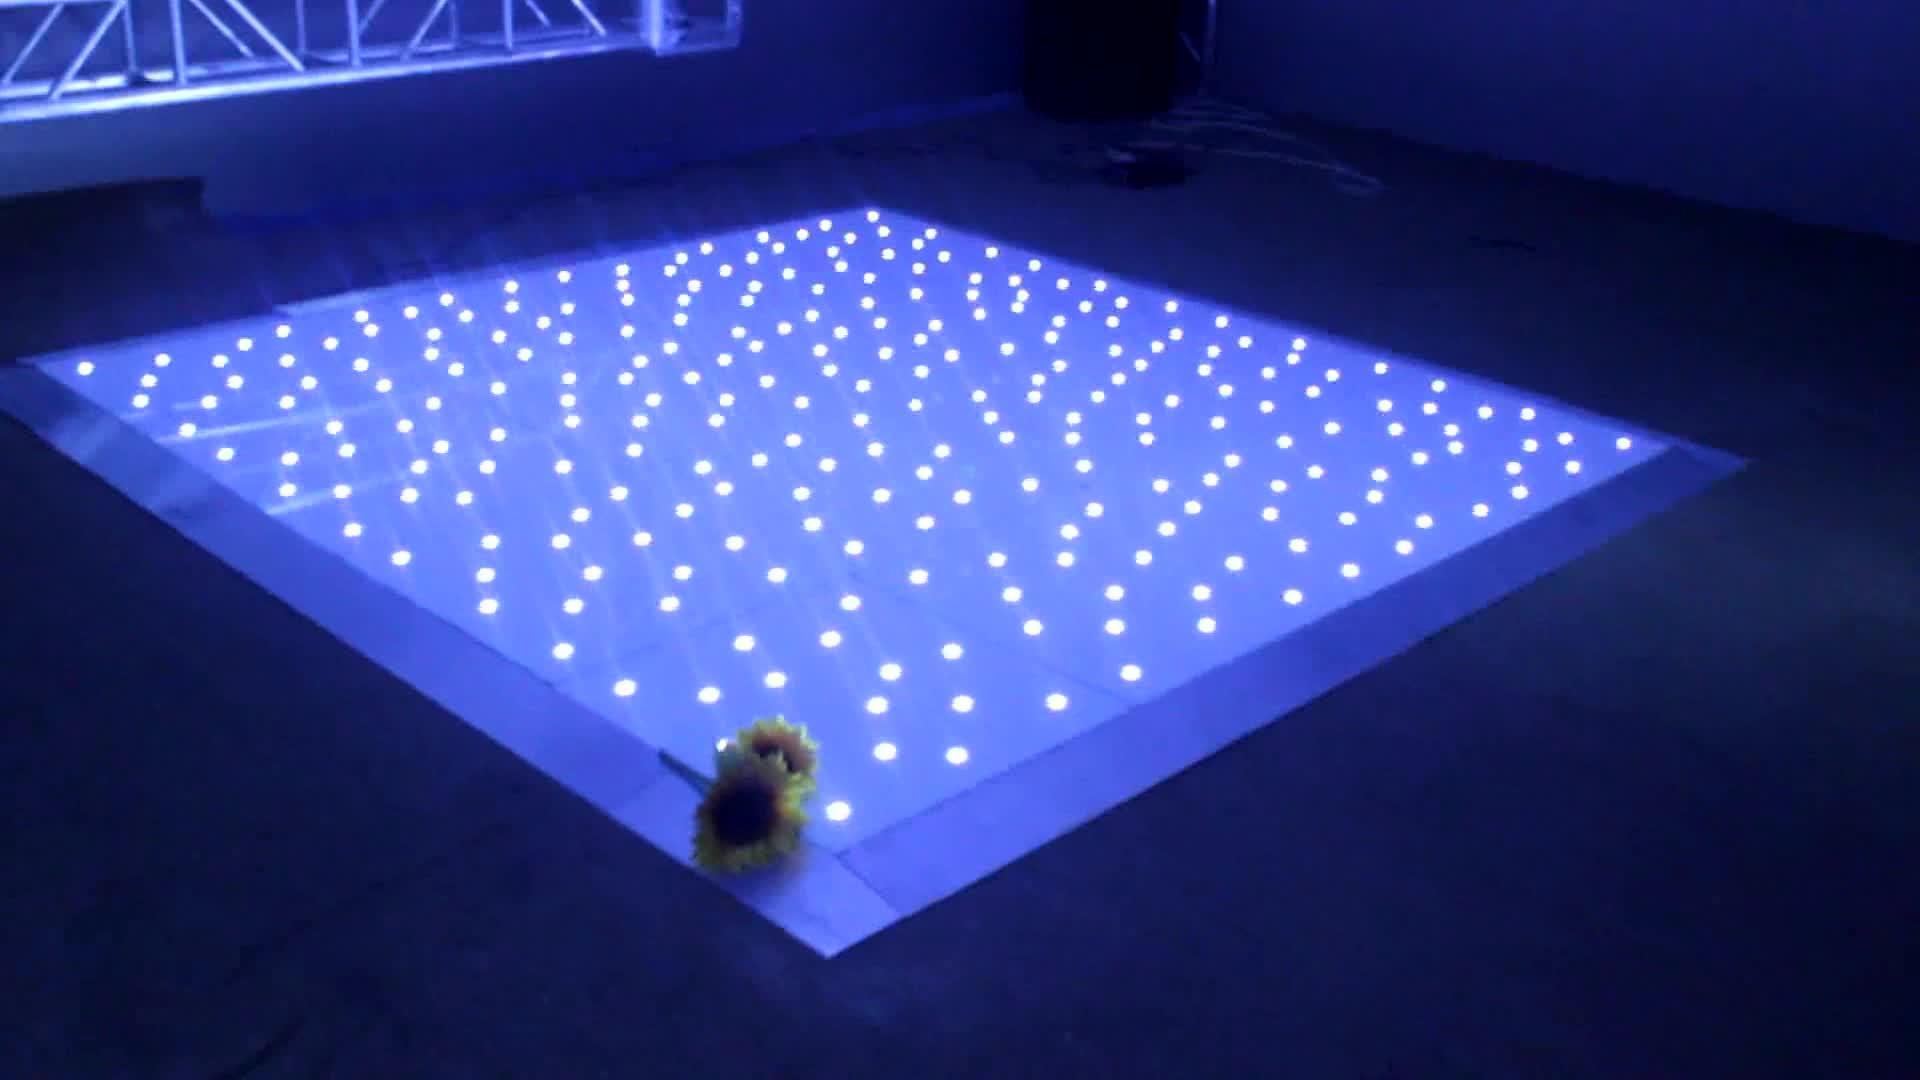 Новый продукт LED Starlit танцпол Свадебная вечеринка дискотека клуб